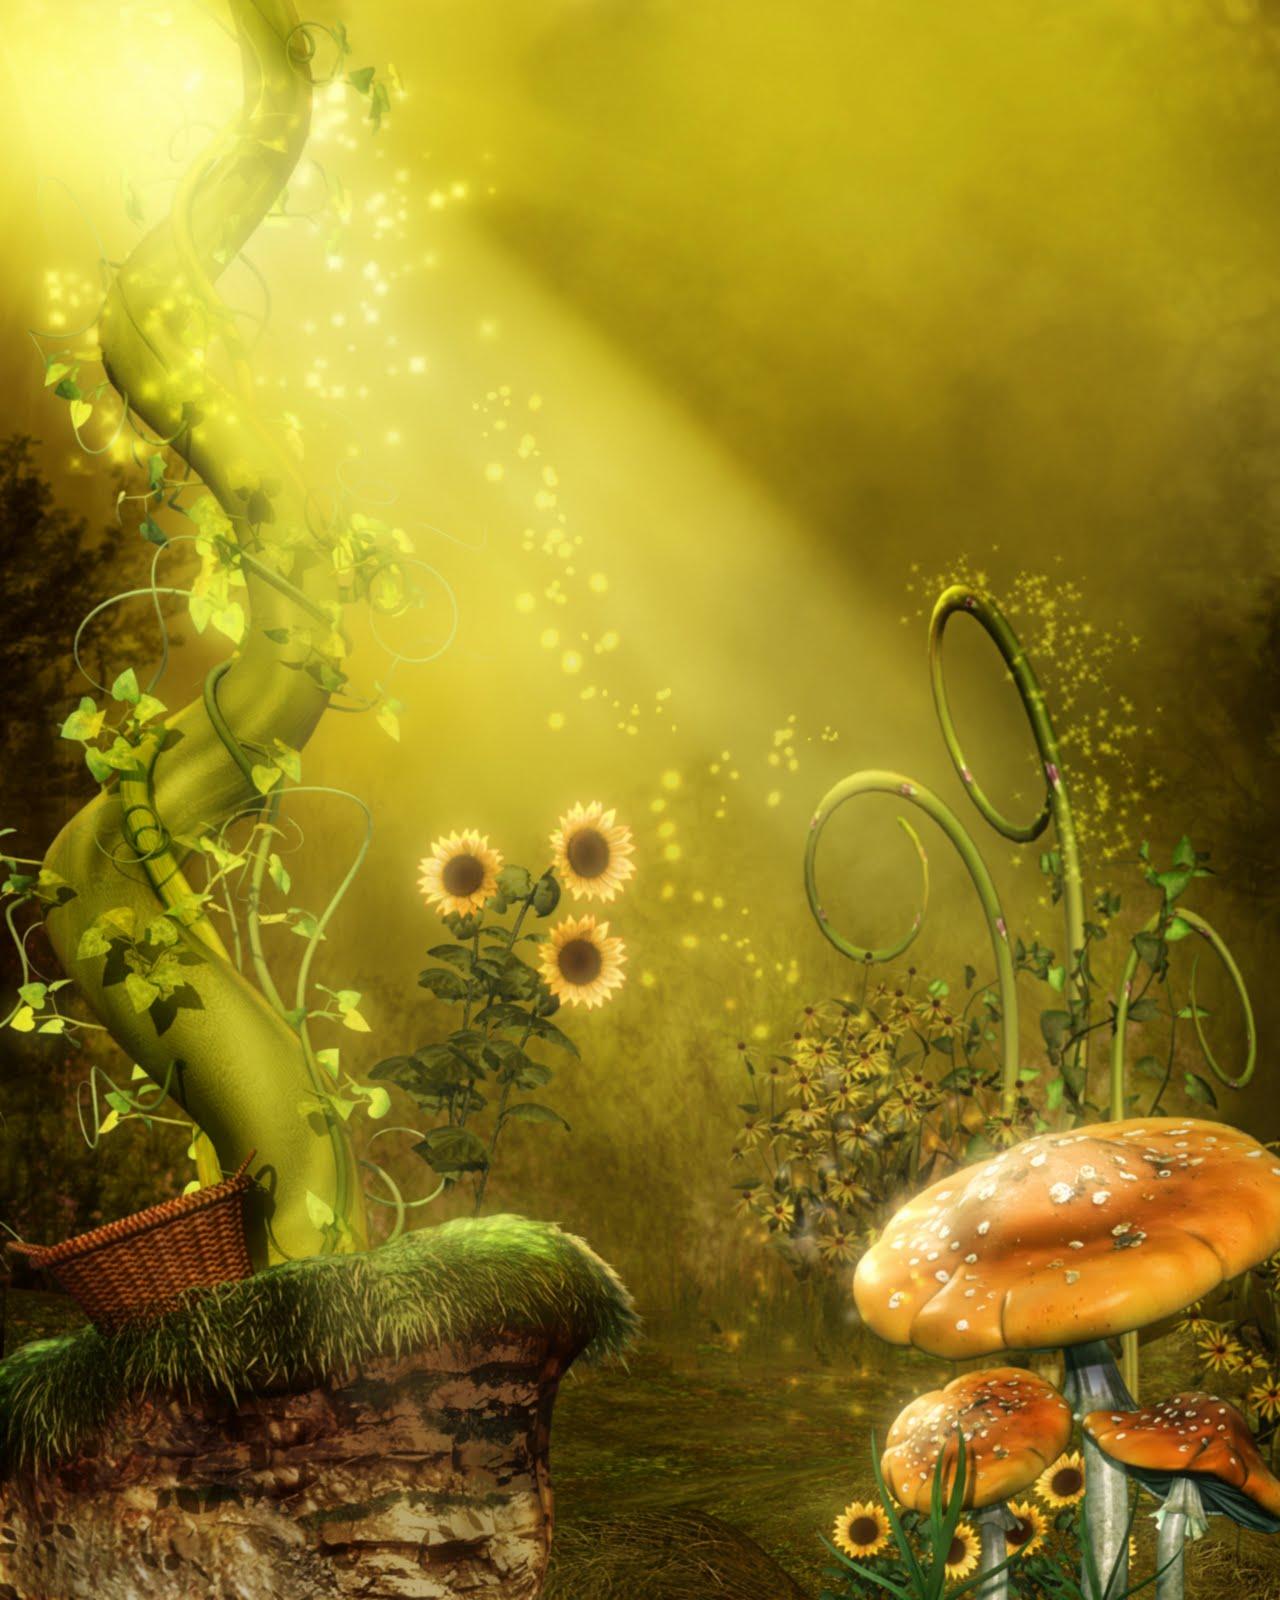 Backgrounds fantasia   Imagens Png fundo transparente grátis